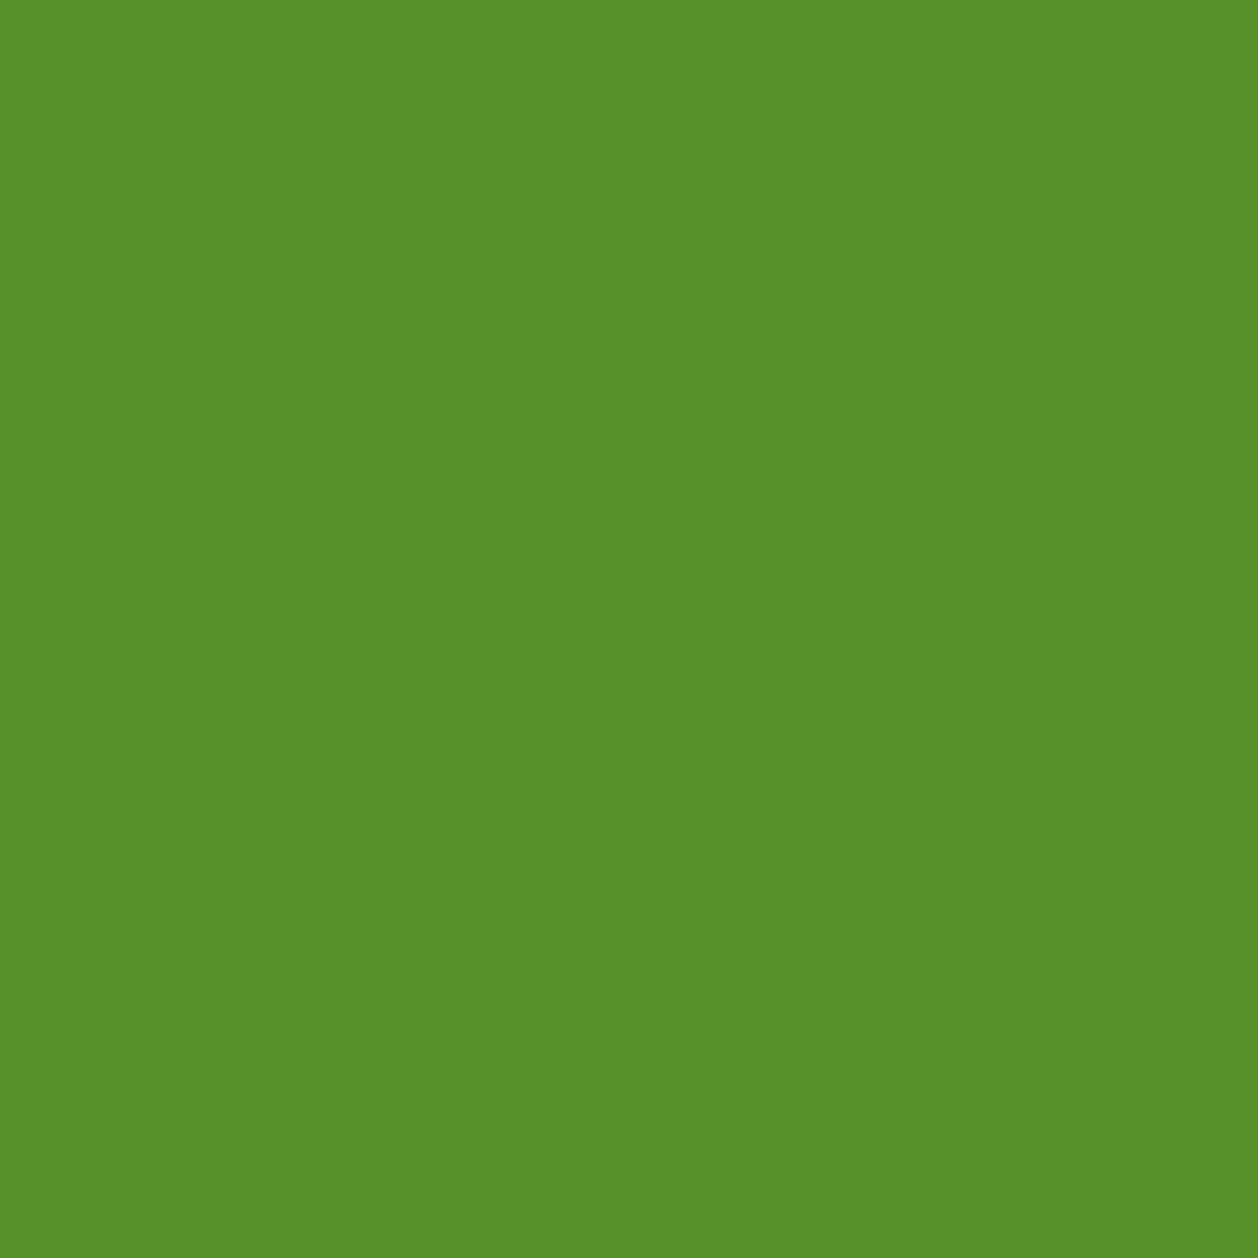 Basil Green - Single